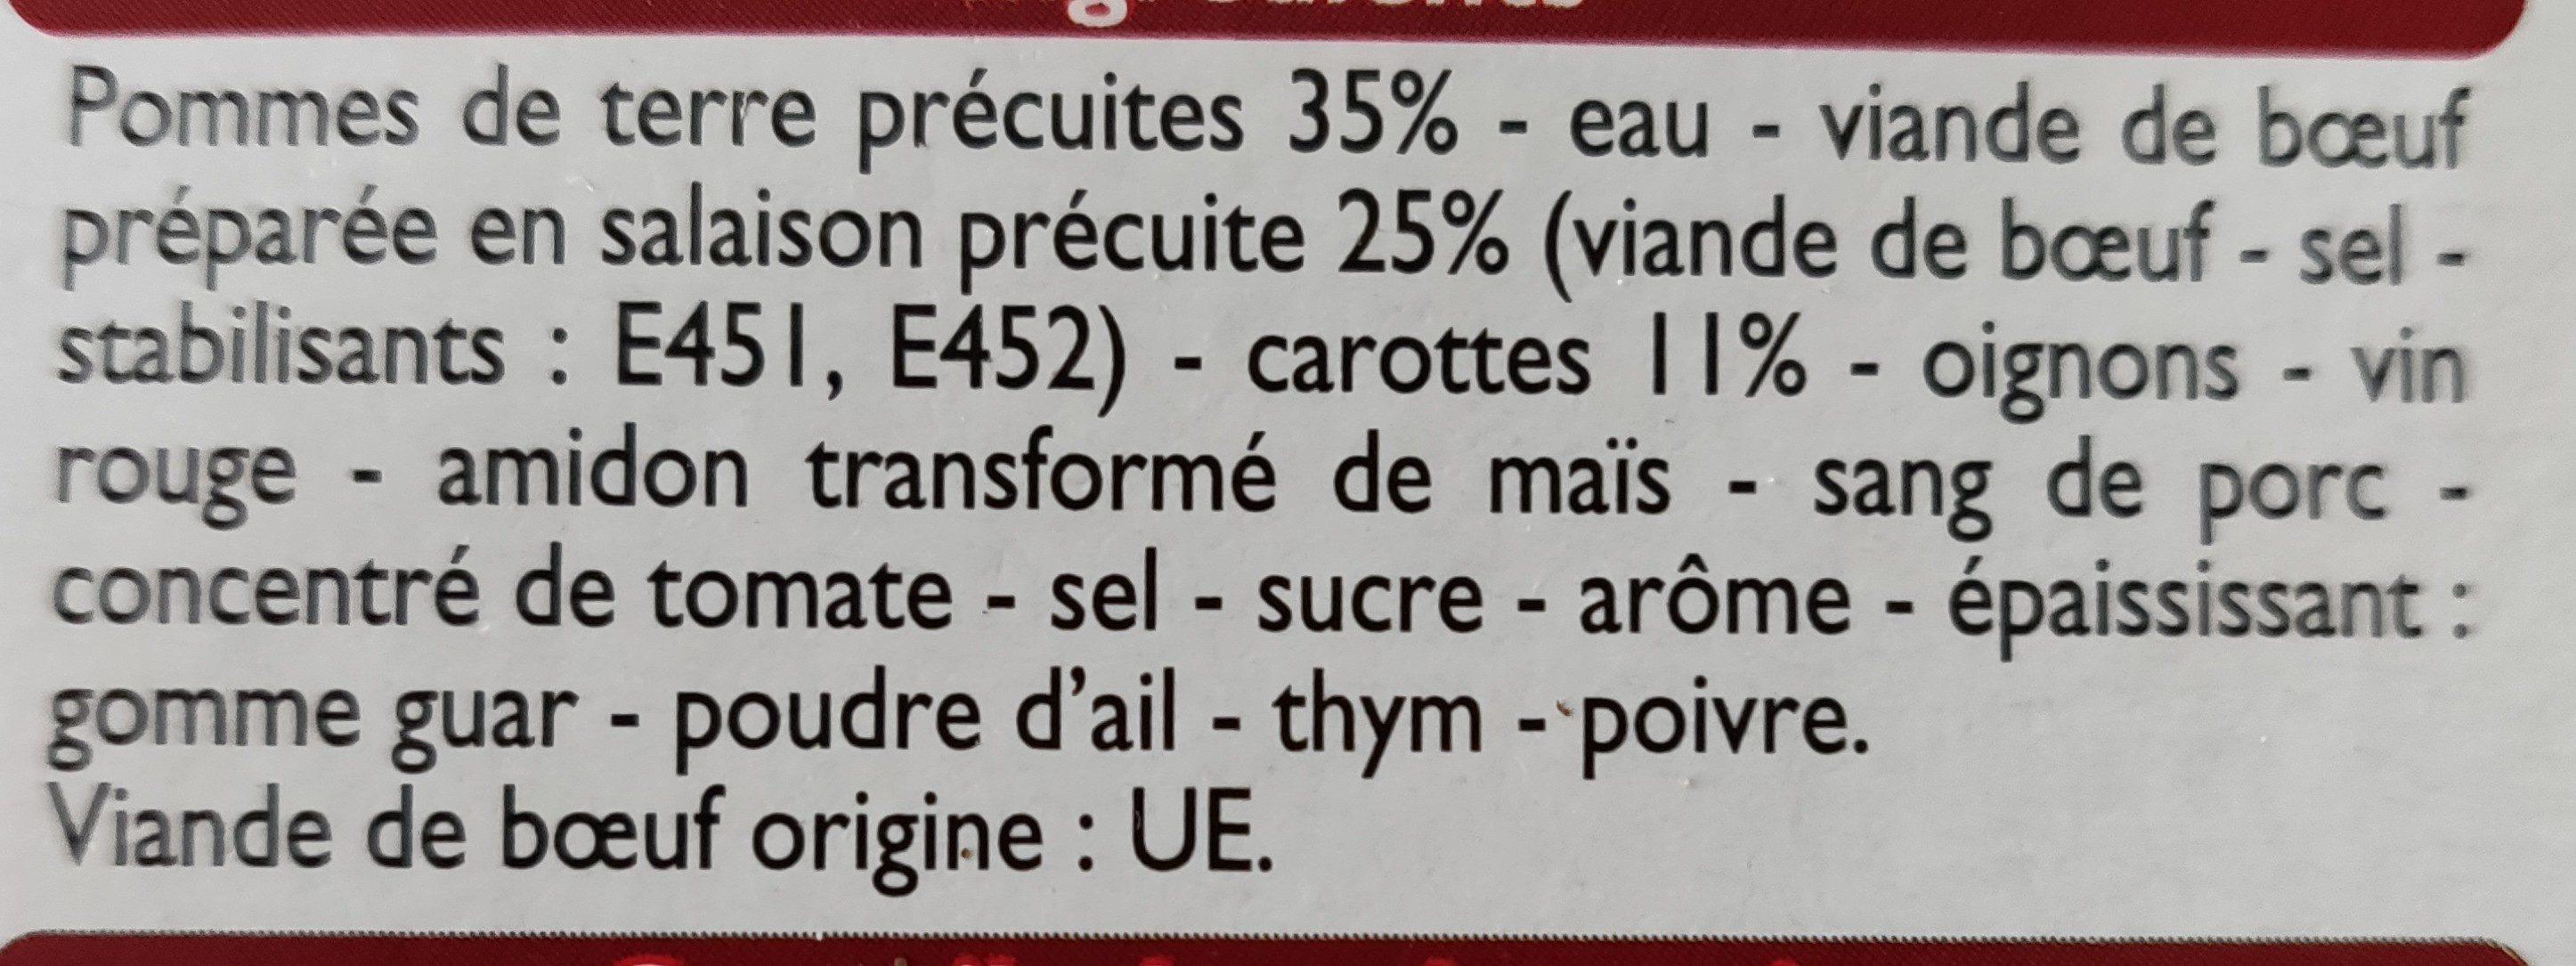 Boeuf Bourguignon - Ingrédients